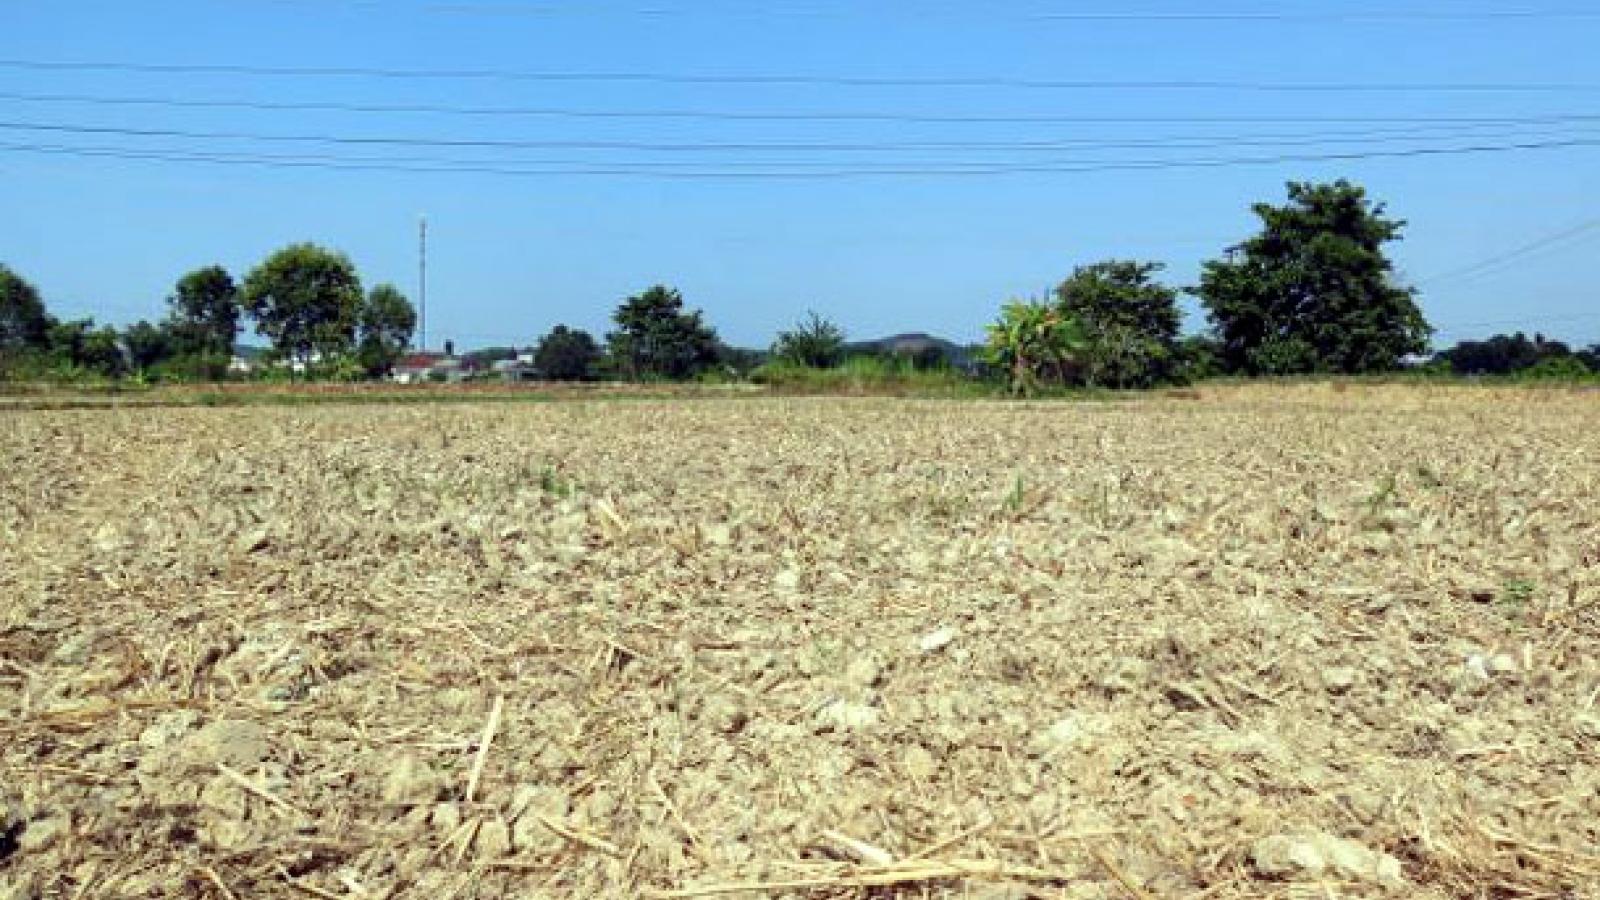 Hạn hán gay gắt, Quảng Ngãi hướng chuyển đổi cơ cấu cây trồng